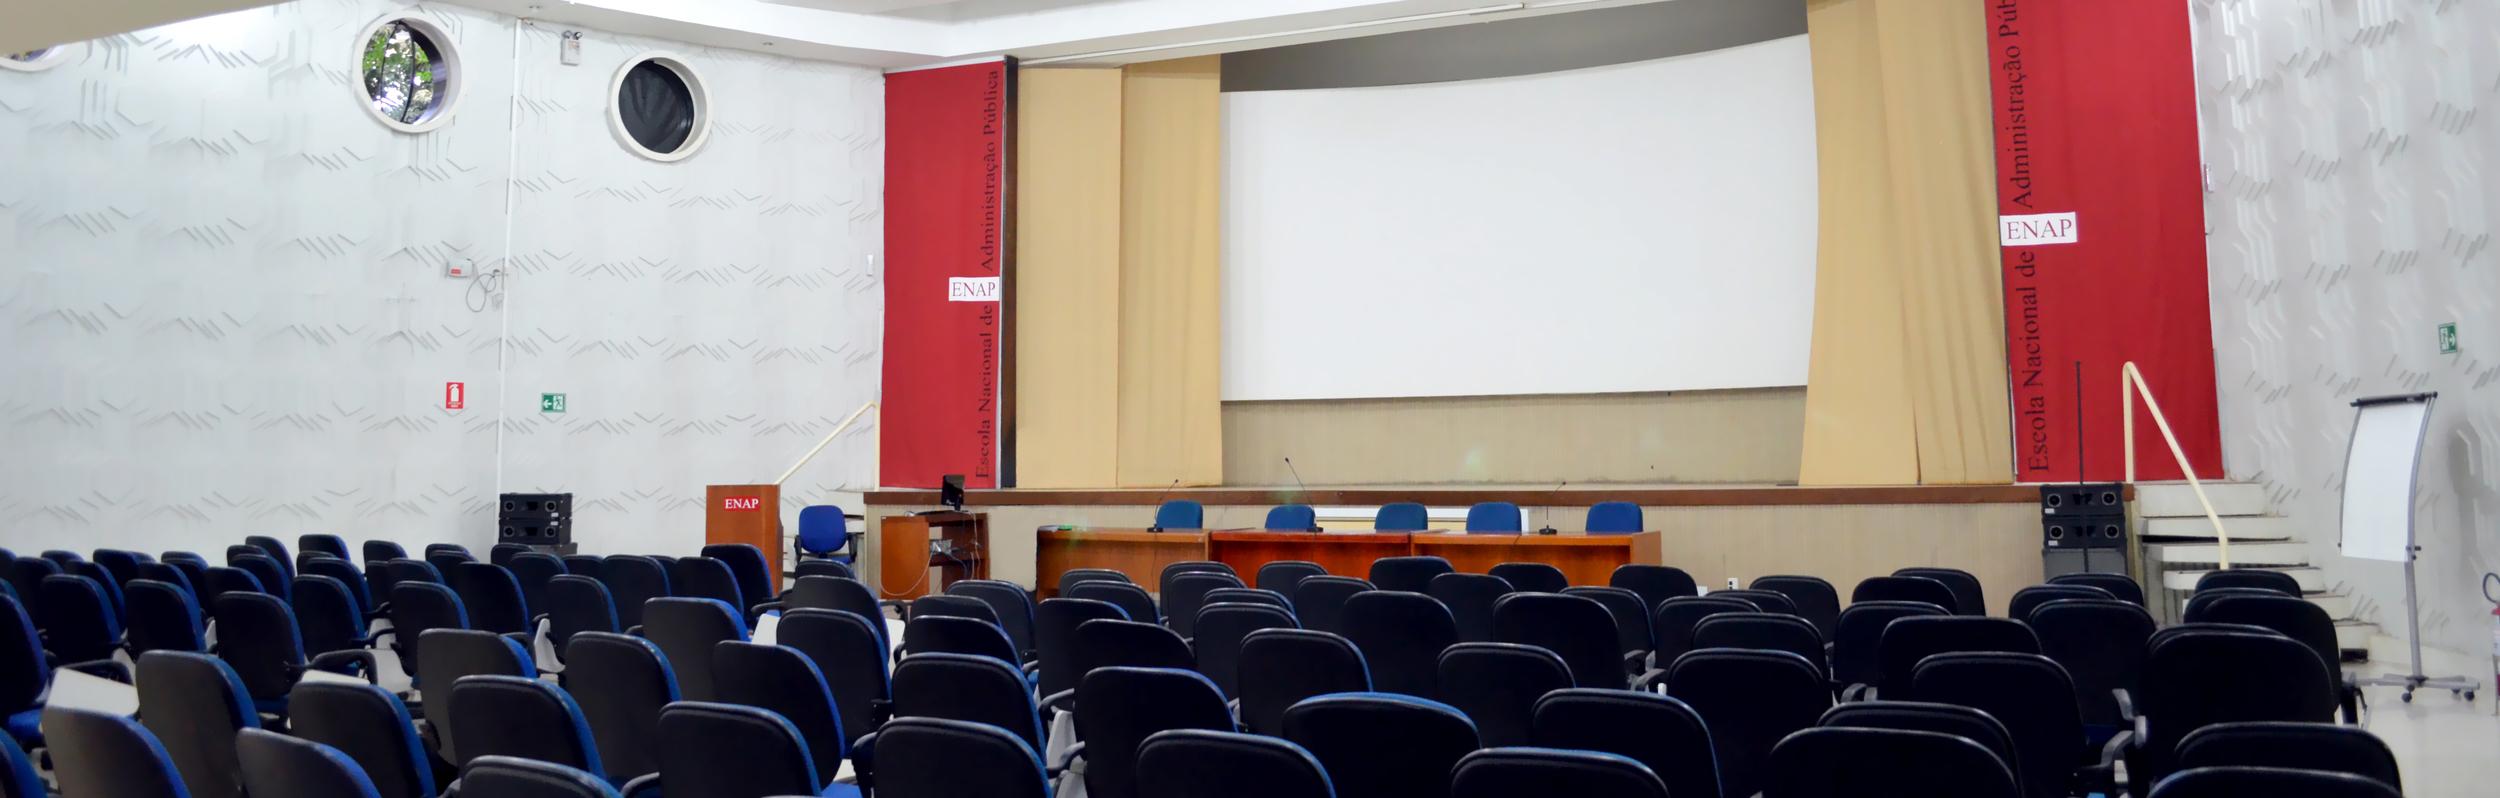 Mesa redonda sobre Gestão Pública será realizada no auditório da ENAP. Foto: Filipe Calmon / ANESP